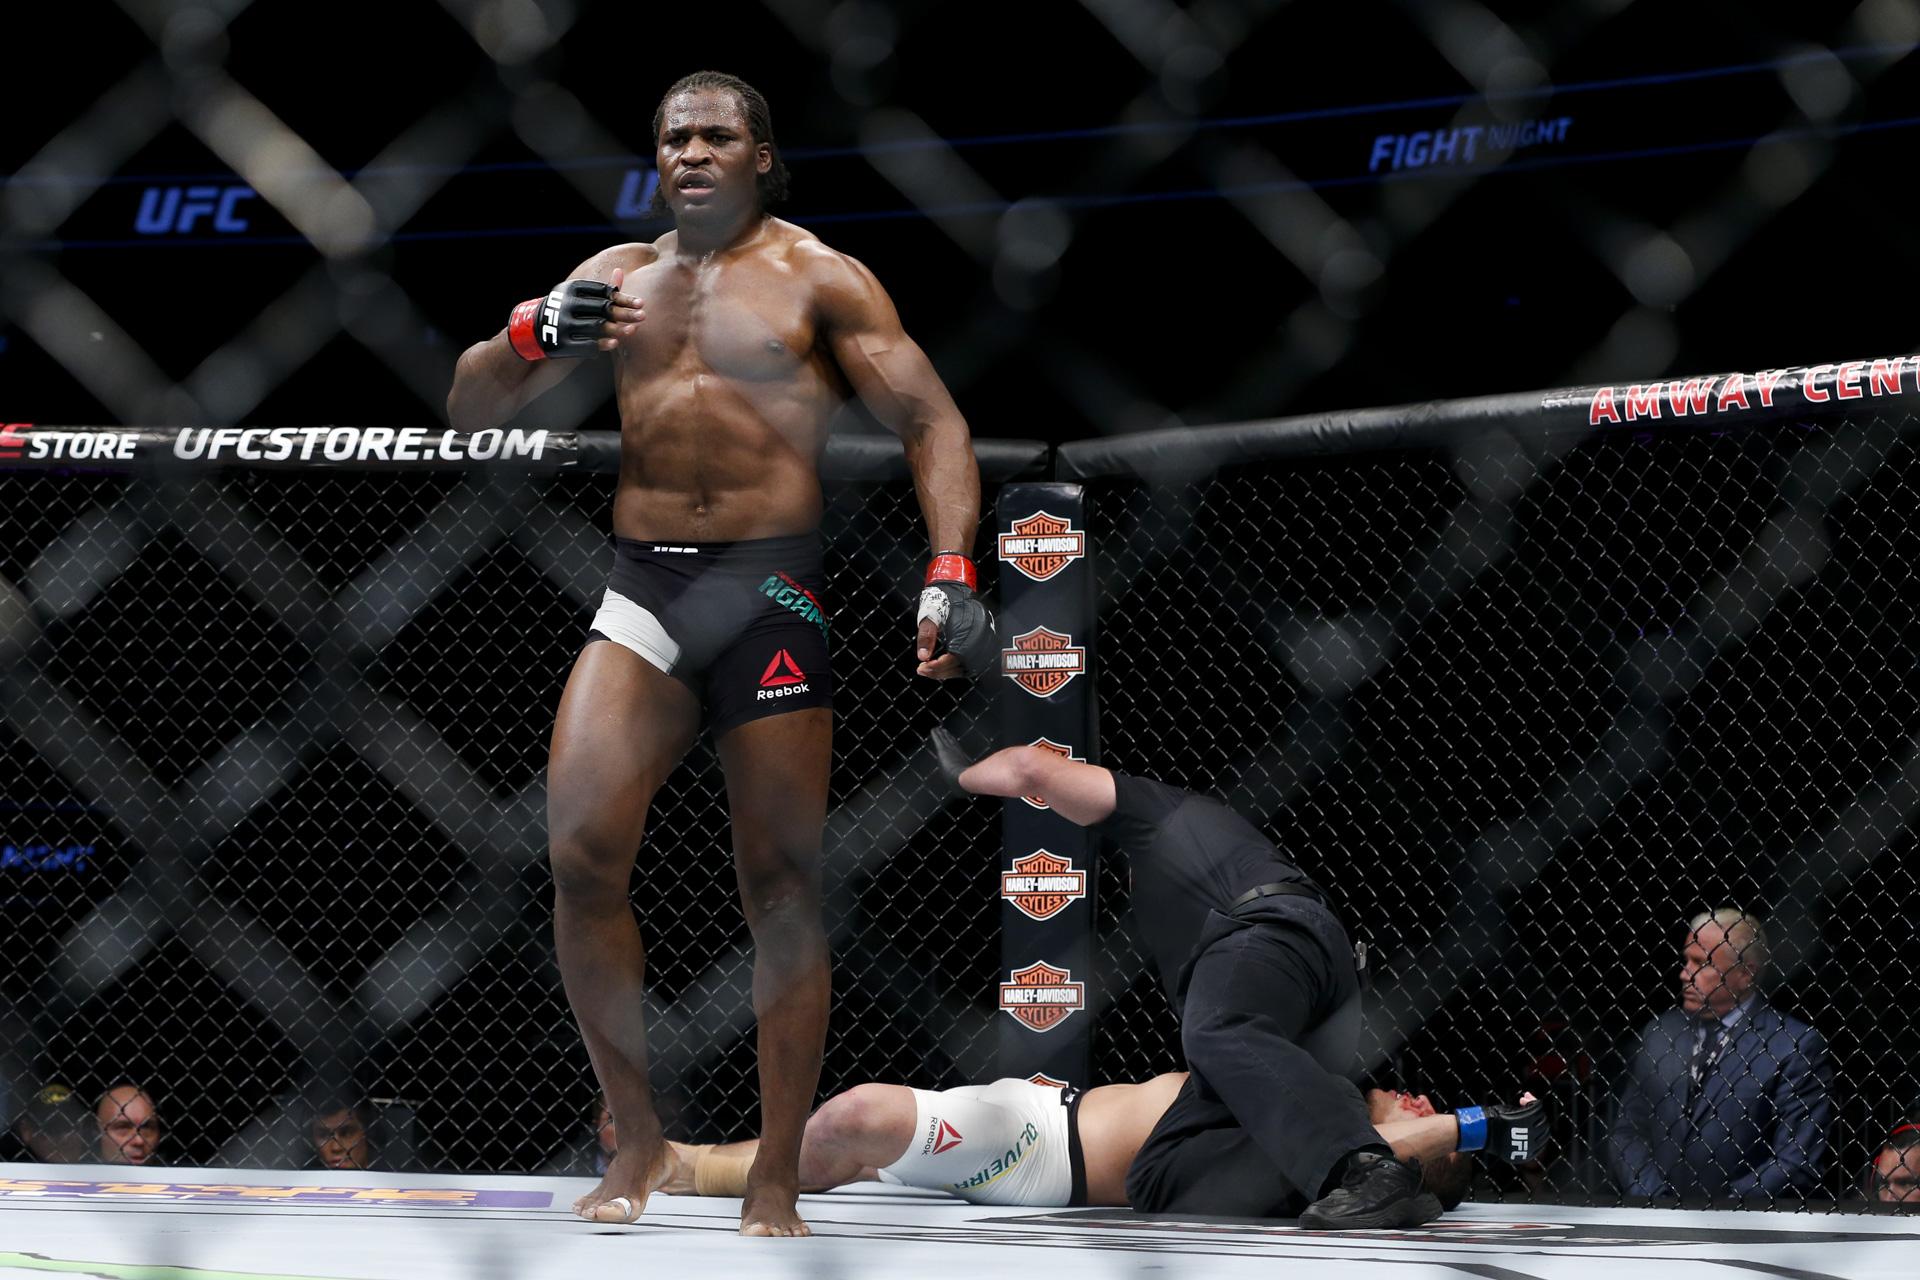 UFC on FOX 17 Photos